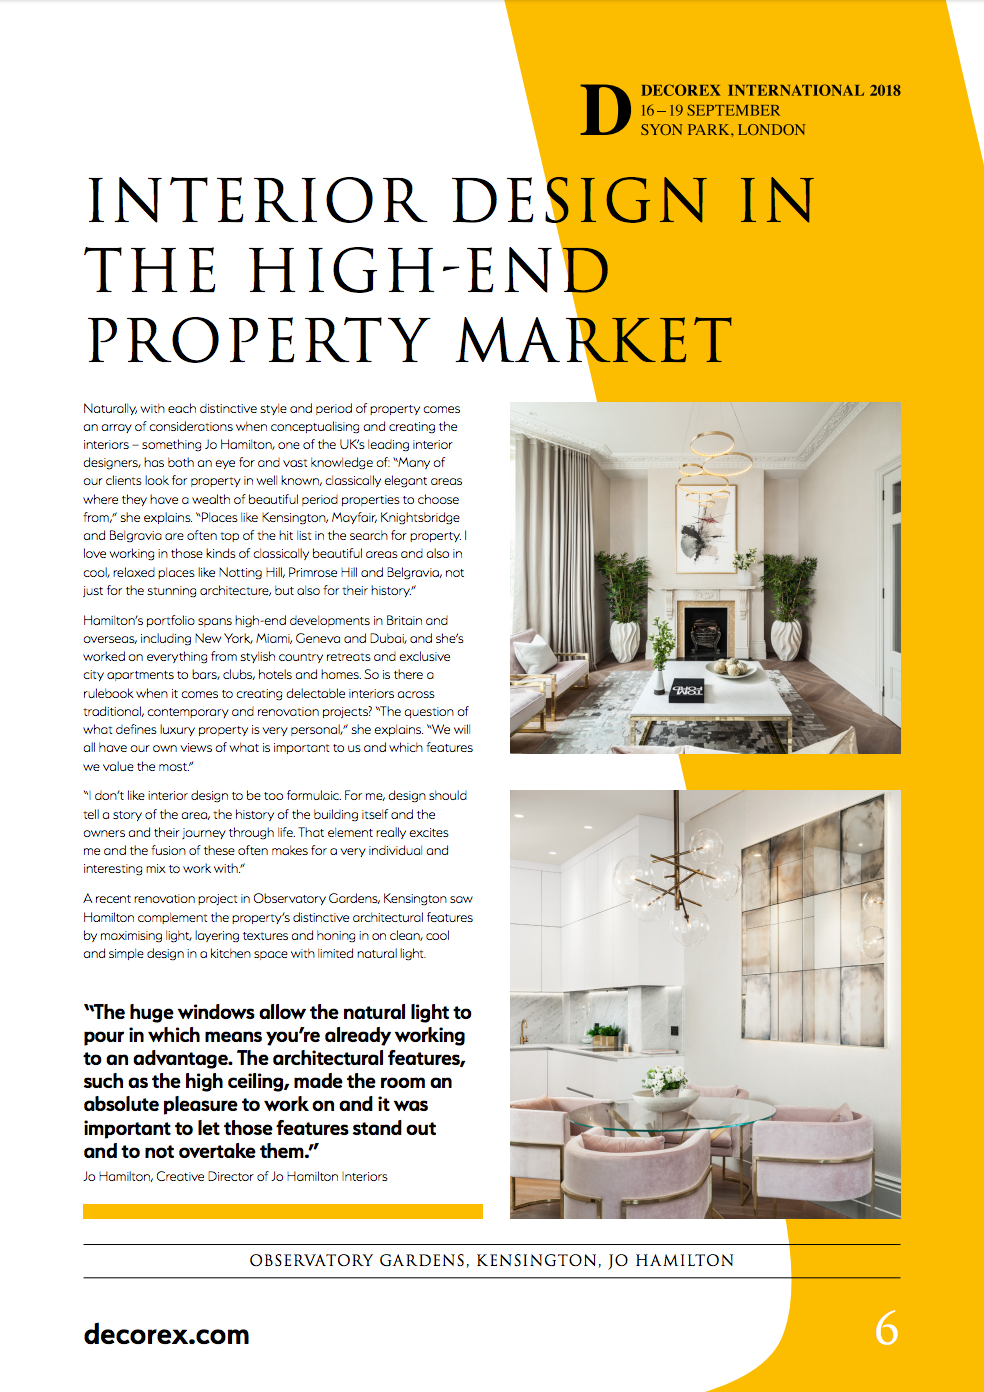 Decorex report featuring luxury interior designer Jo Hamilton inside